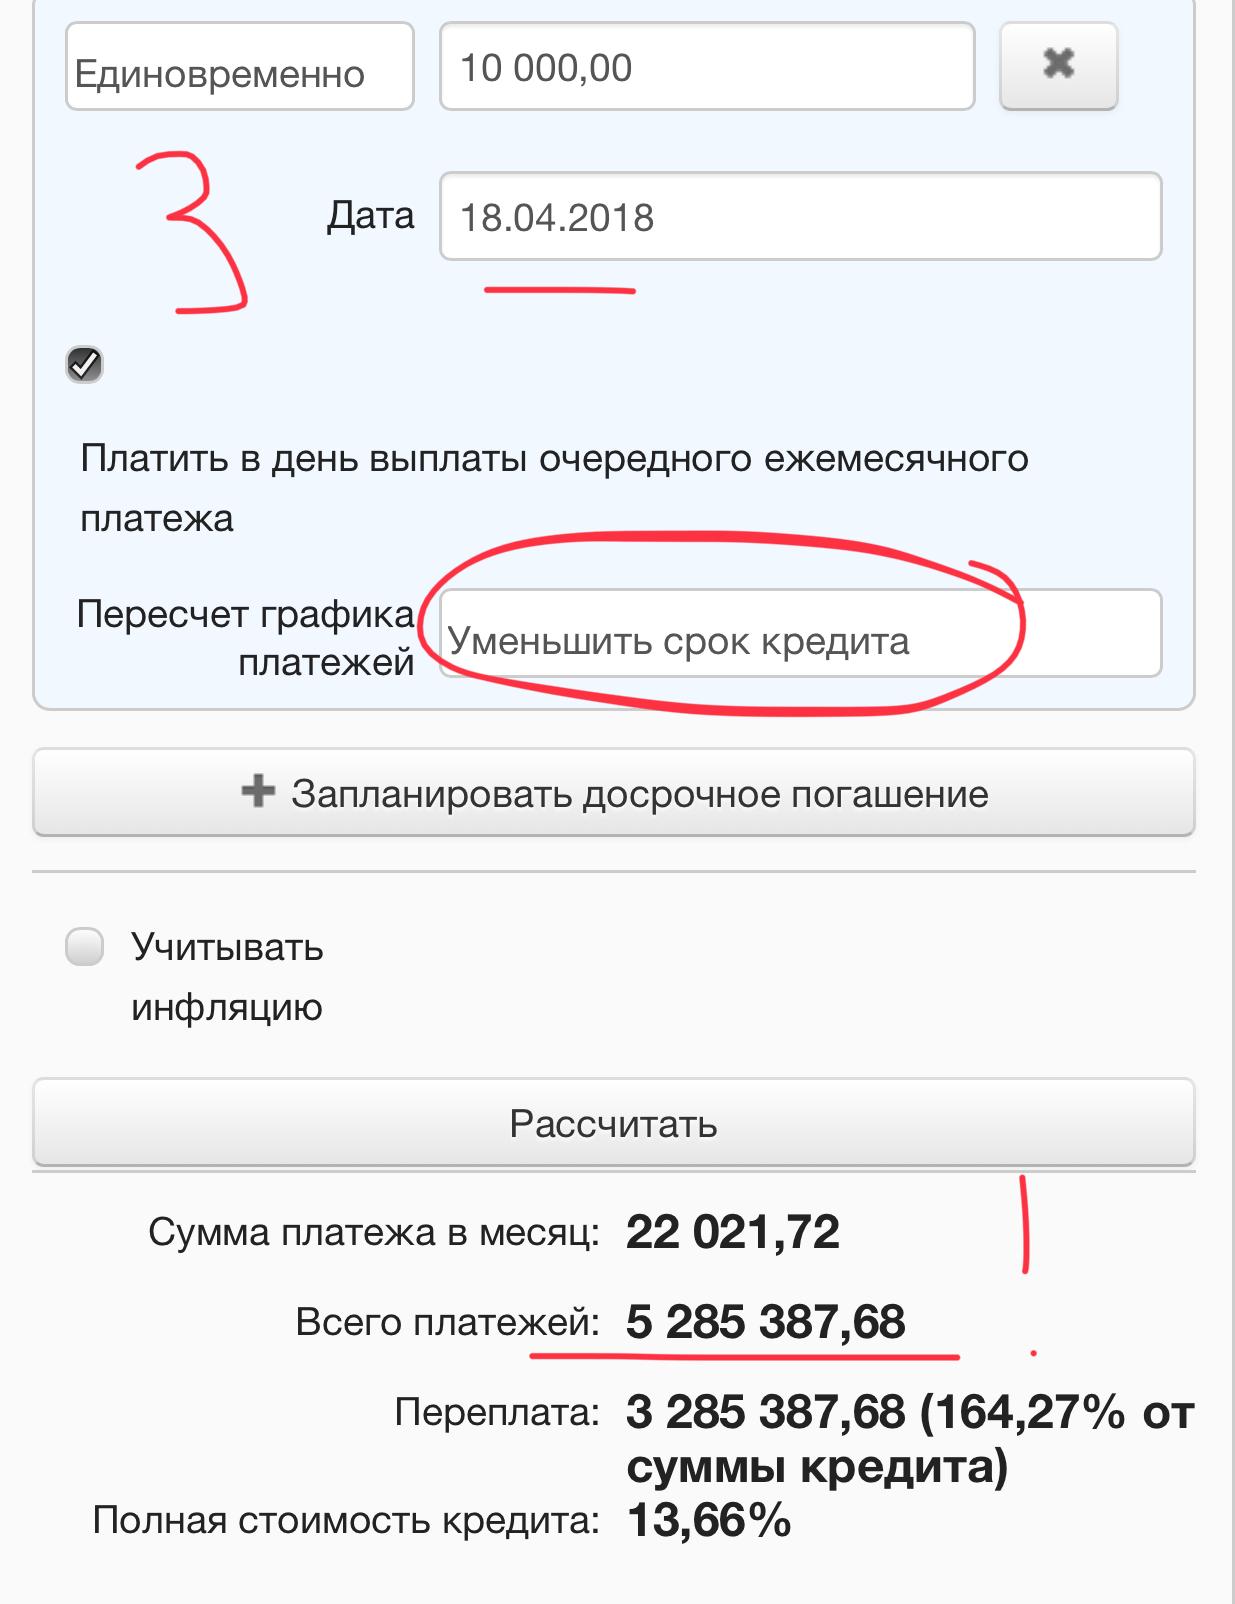 Микрозаймы наличными по паспорту в москве